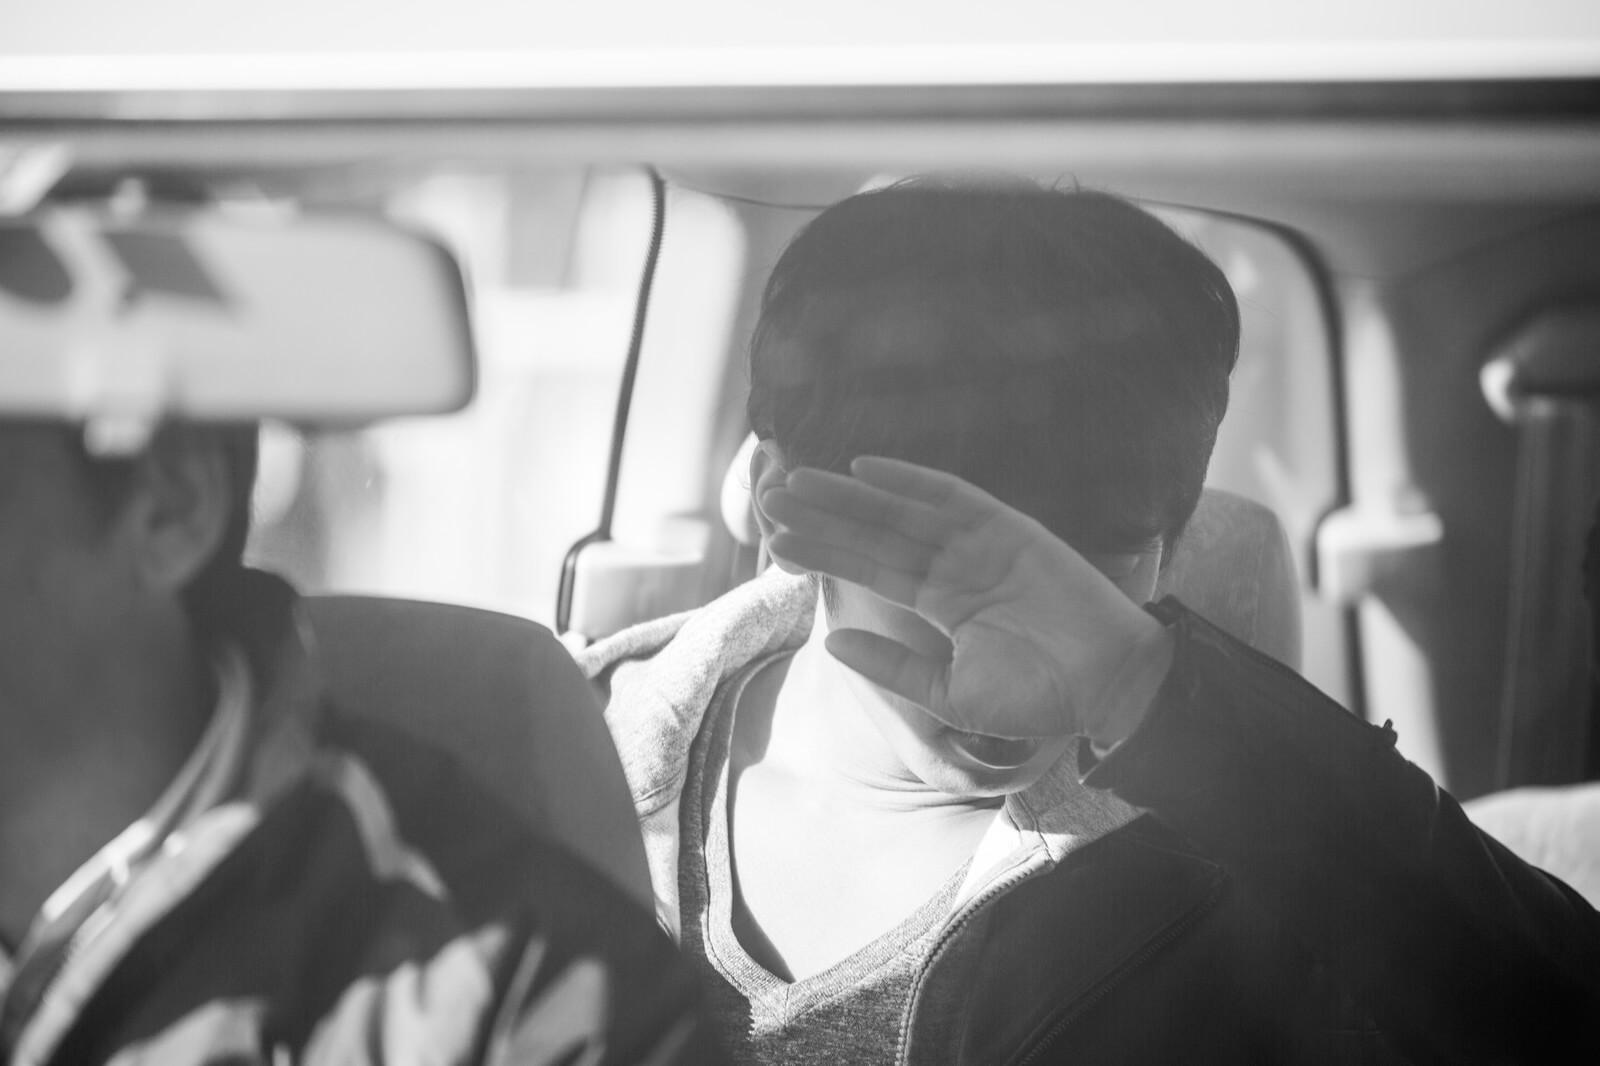 大韓航空パワハラ:イミョンヒ氏に警察の捜査の手が迫る!逮捕状請求へ